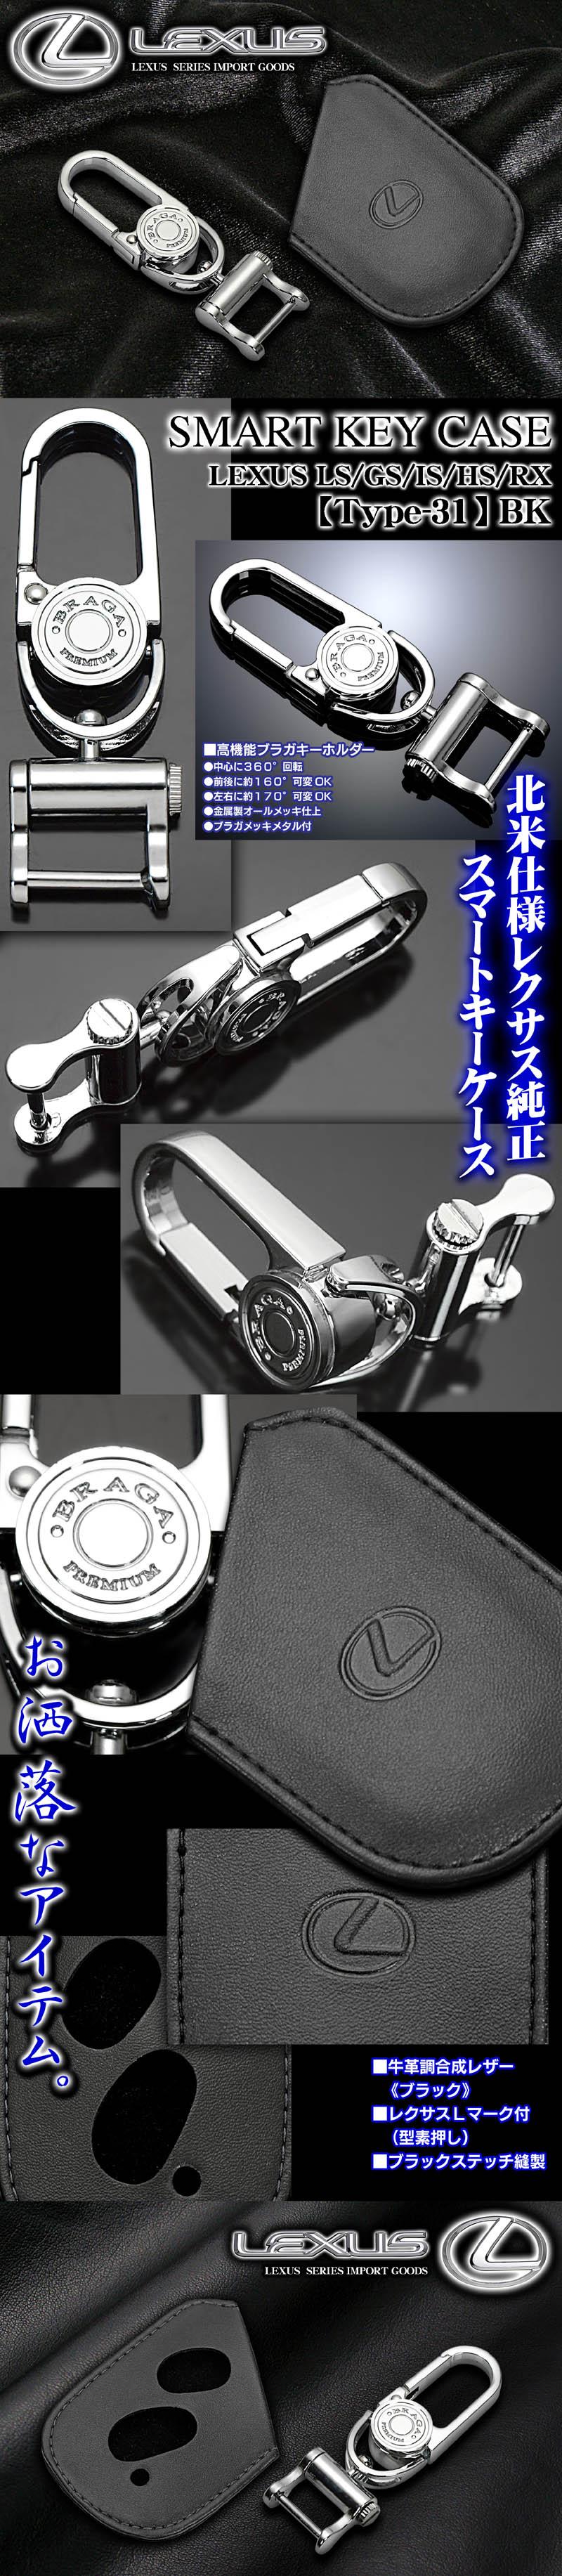 タイプ31BK【レクサス/スマートキー】キーケース&ブラガキーホルダー付[ブラック牛革調合成レザー/ブラックステッチ]